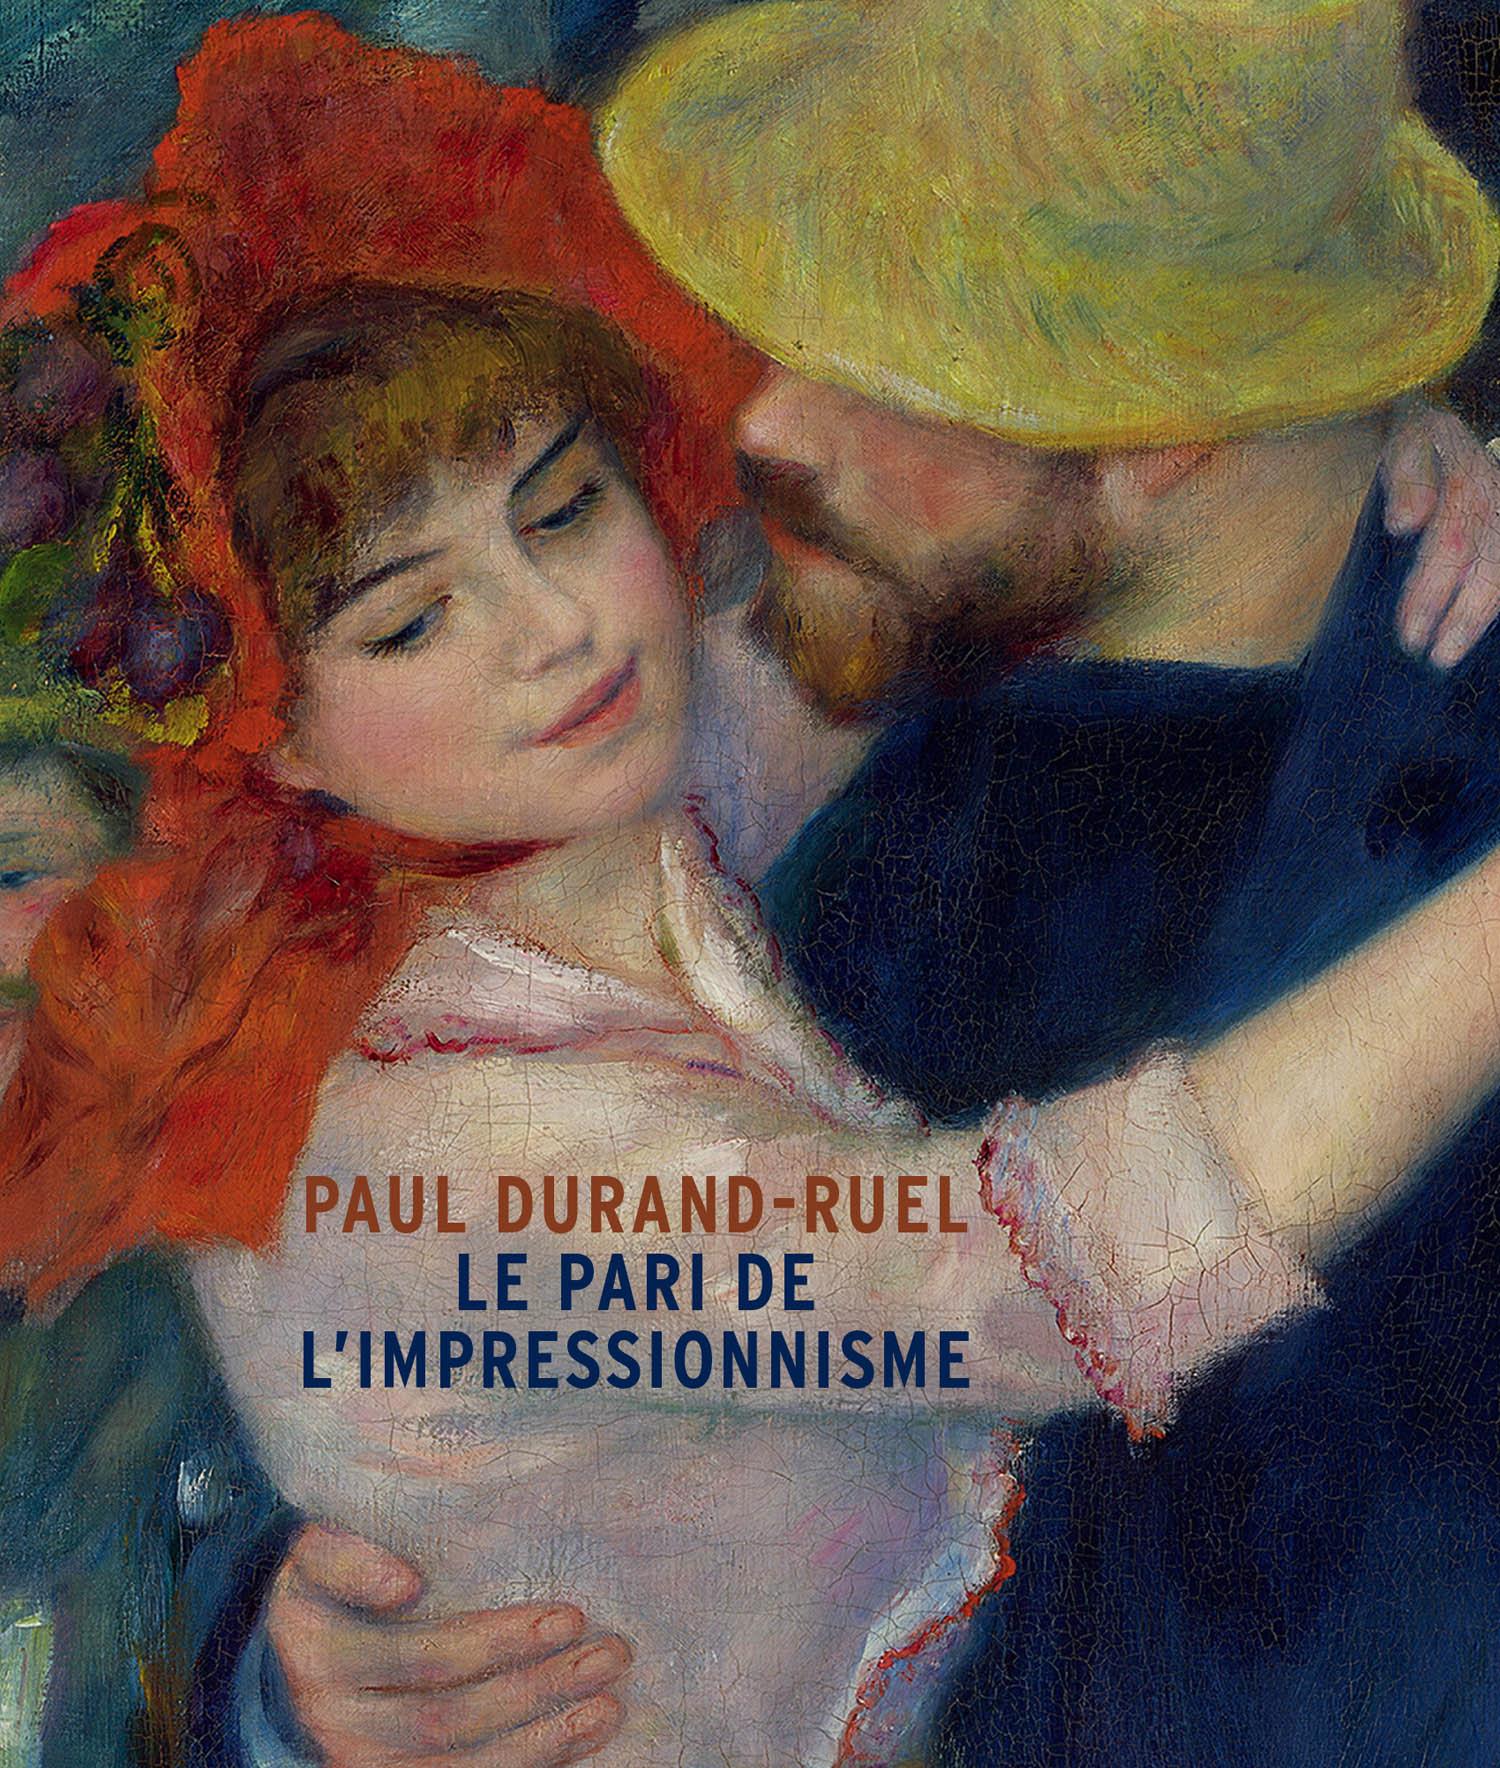 Paul Durand-Ruel, le pari de l'impressionnisme : L'album de l'exposition du musée du Luxembourg, Sén